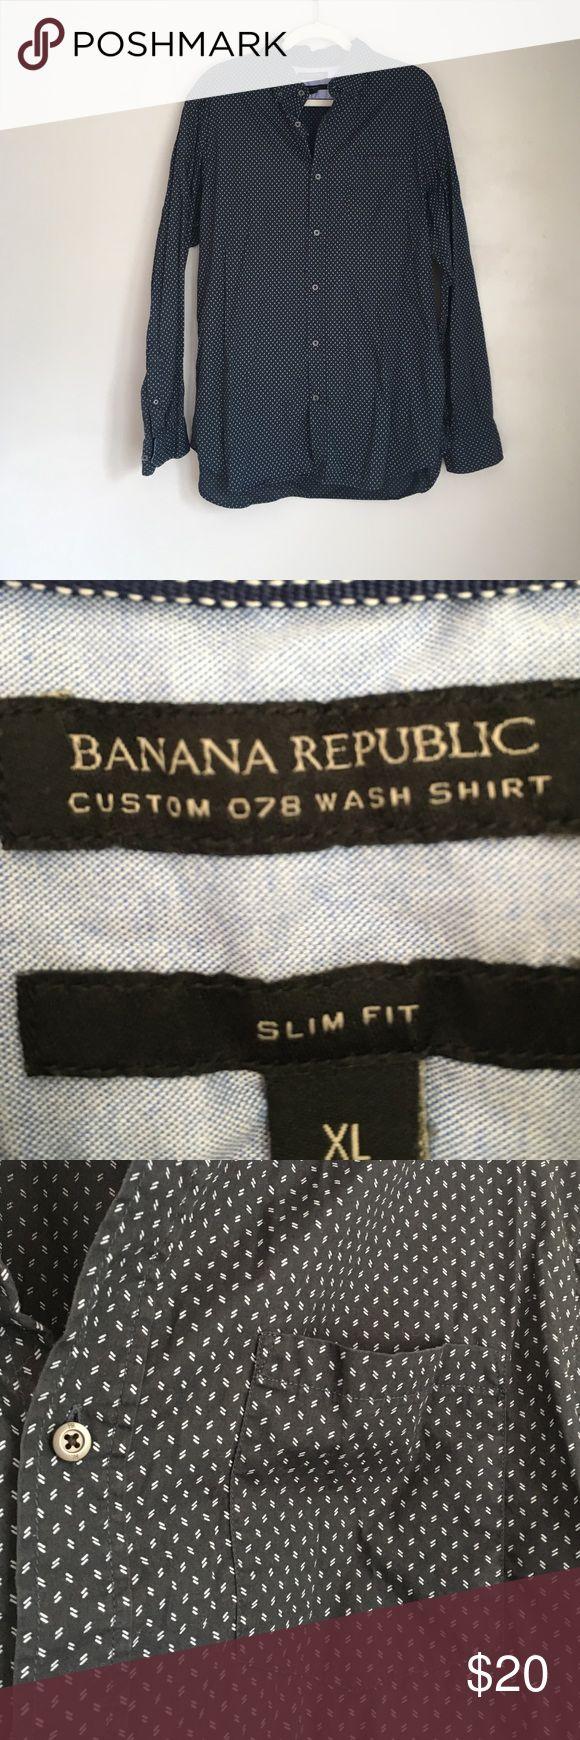 Banana Republic Men's Slim Fit Button Down Shirt Banana Republic Men's Slim Fit Button Down Shirt. Worn and washed. EUC Banana Republic Shirts Casual Button Down Shirts